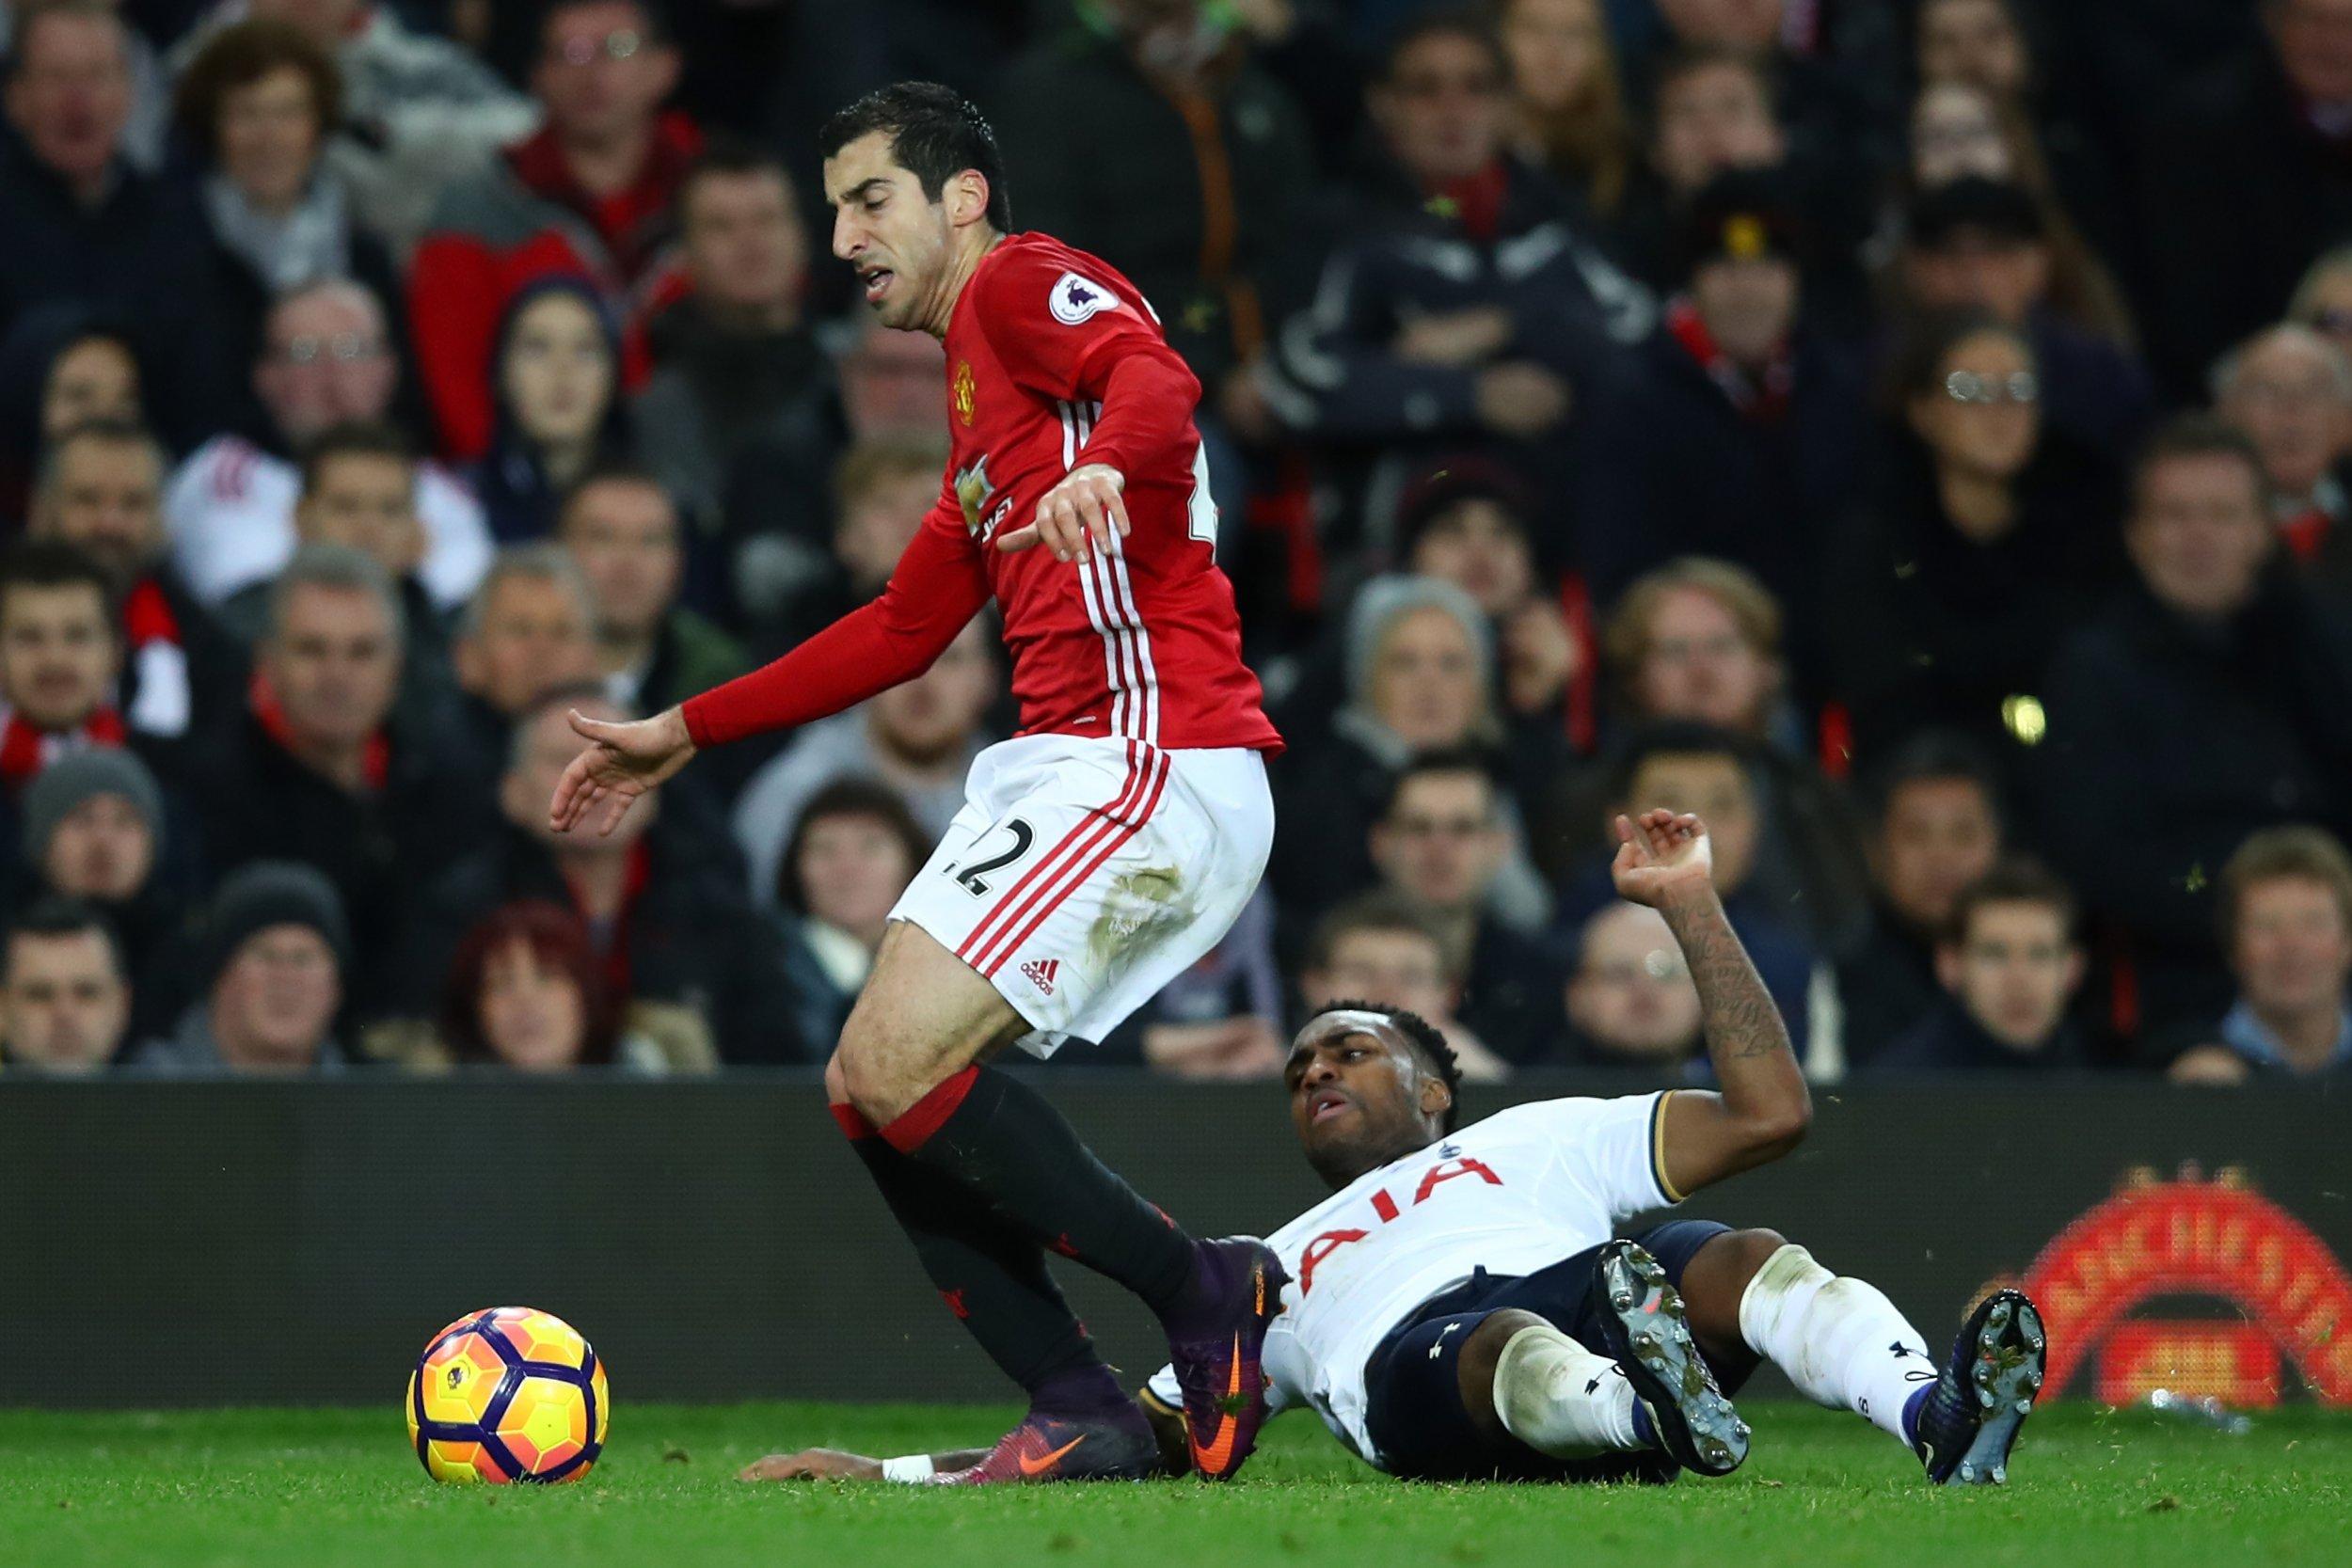 Manchester United midfielder Henrikh Mkhitaryan